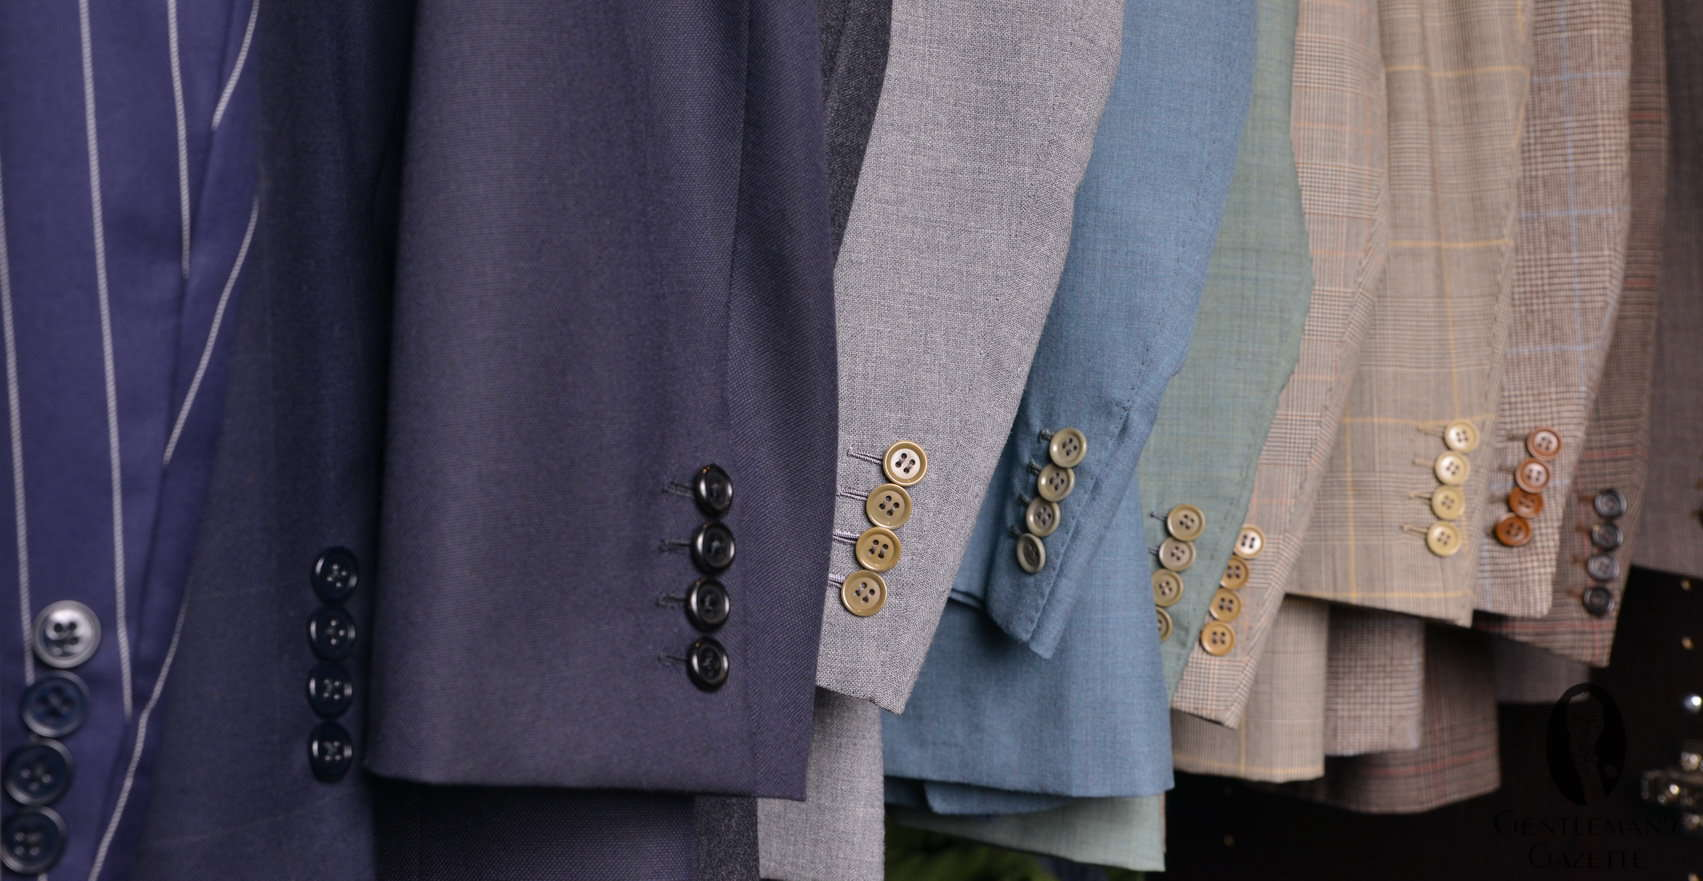 Sven Raphael Schneider's jackets